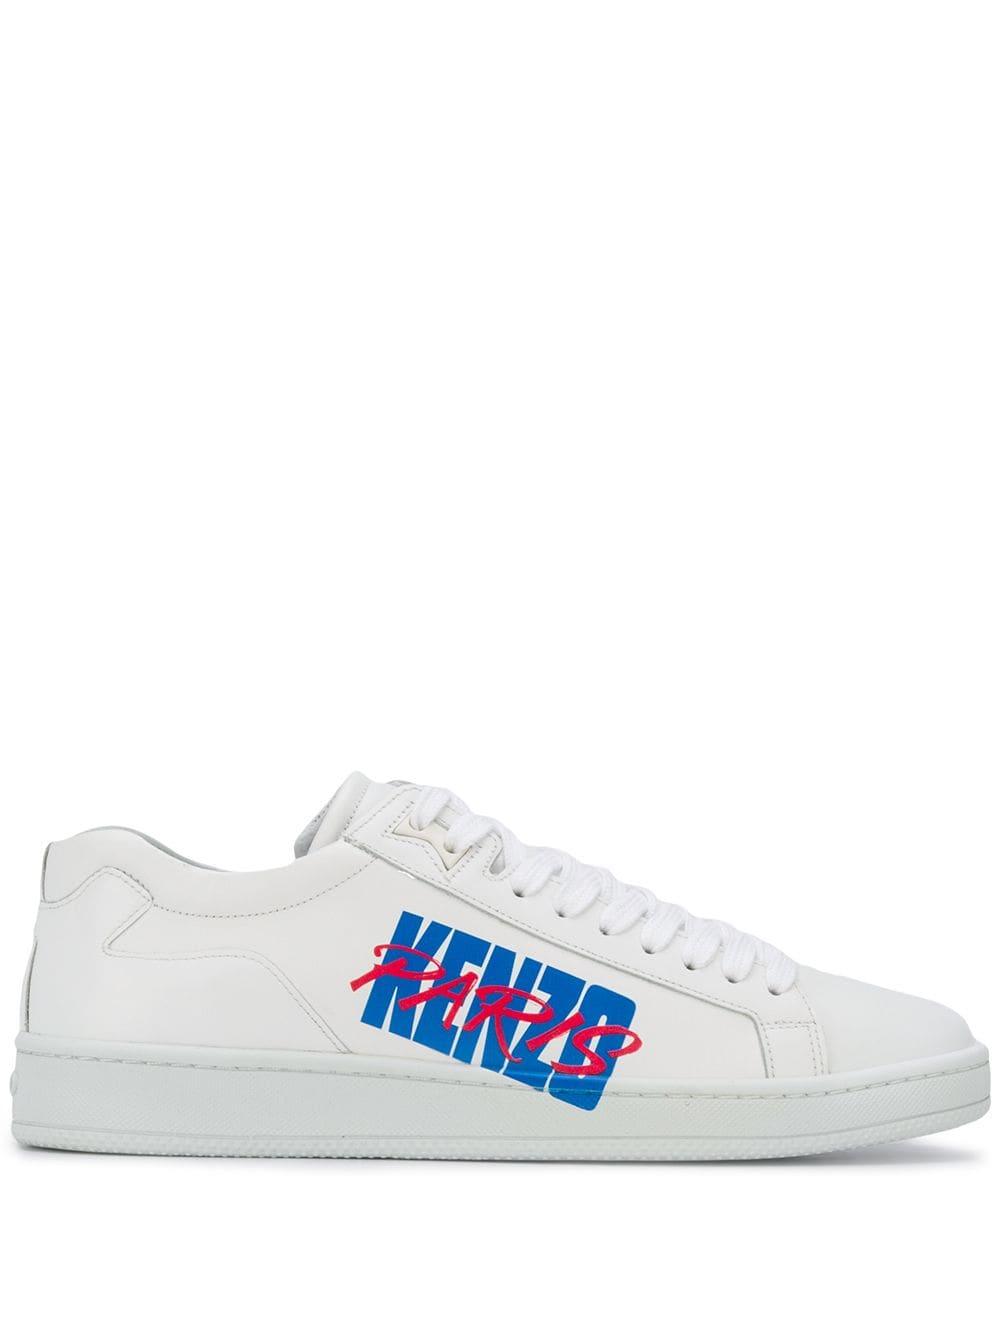 Kenzo Paris Sneakers In White | ModeSens